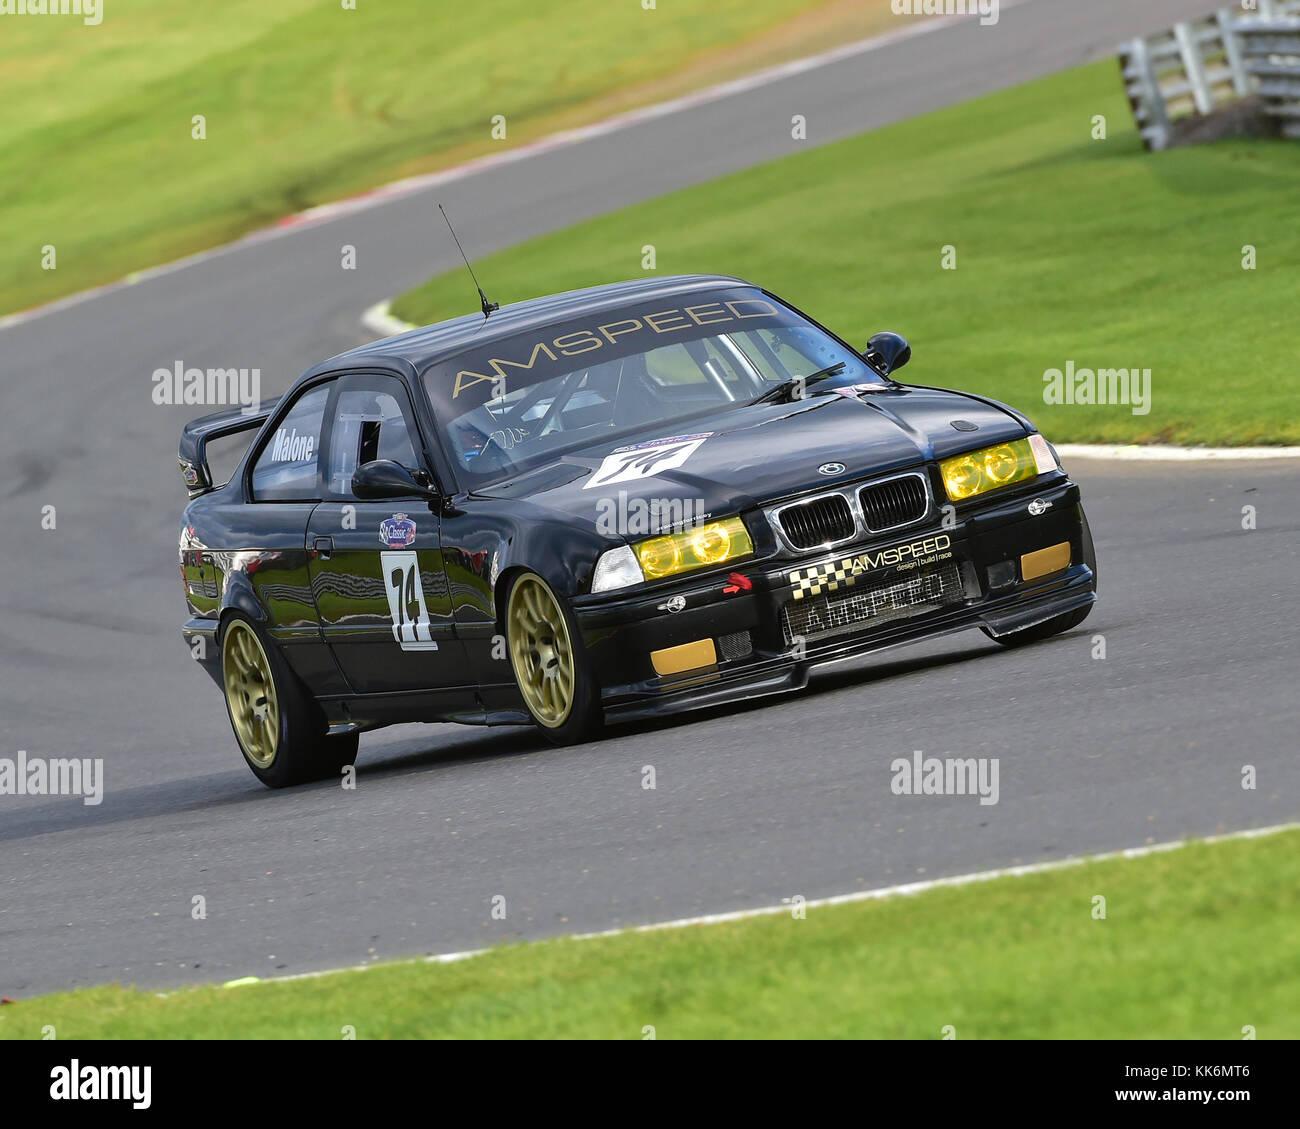 Bmw E36 M3 Stock Photos & Bmw E36 M3 Stock Images